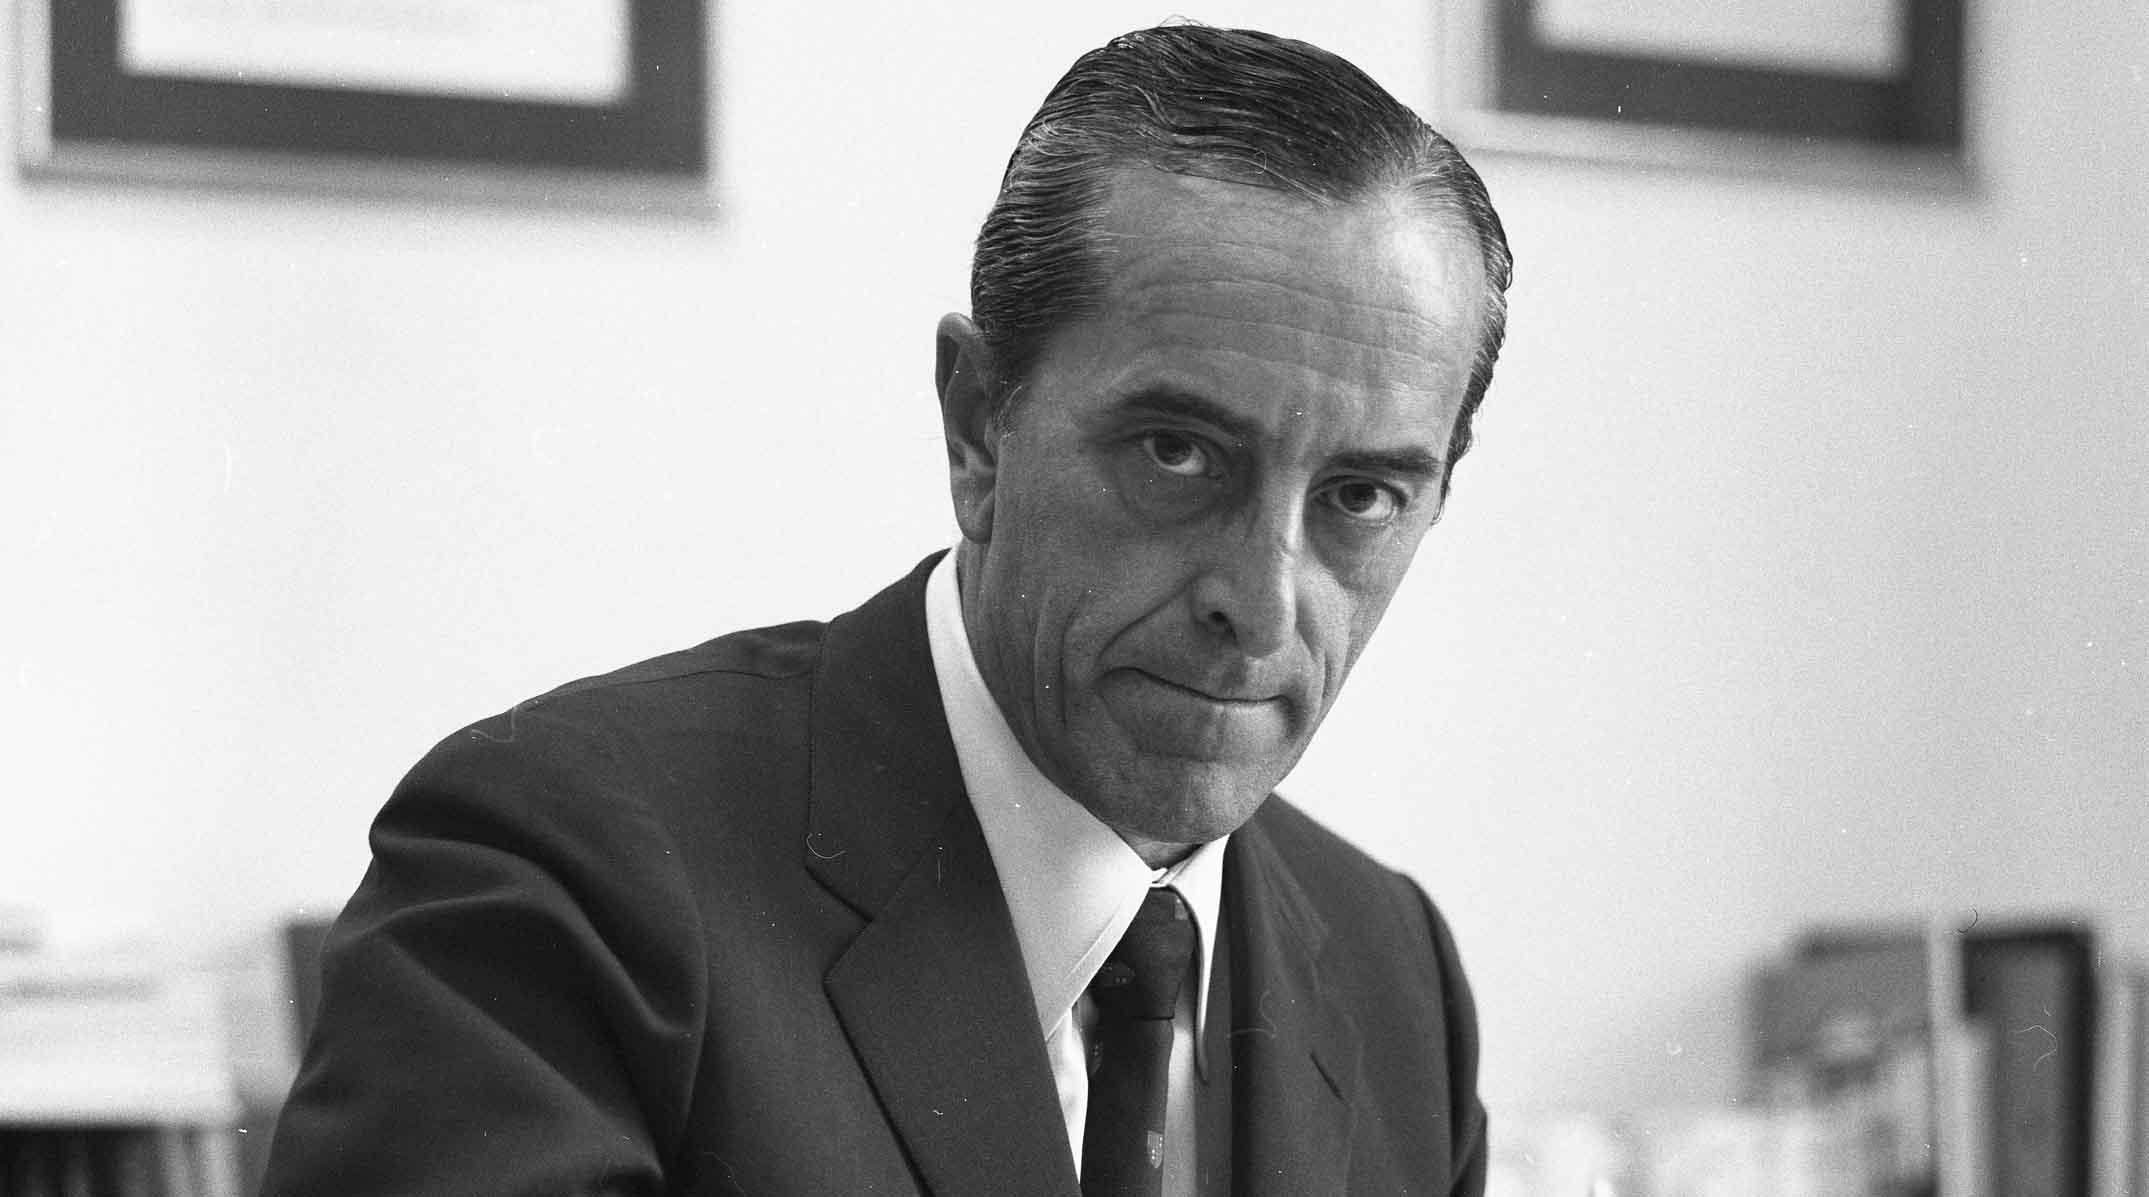 Fallece el prof. Juan Manuel Elorduy, persona clave en la historia del IESE